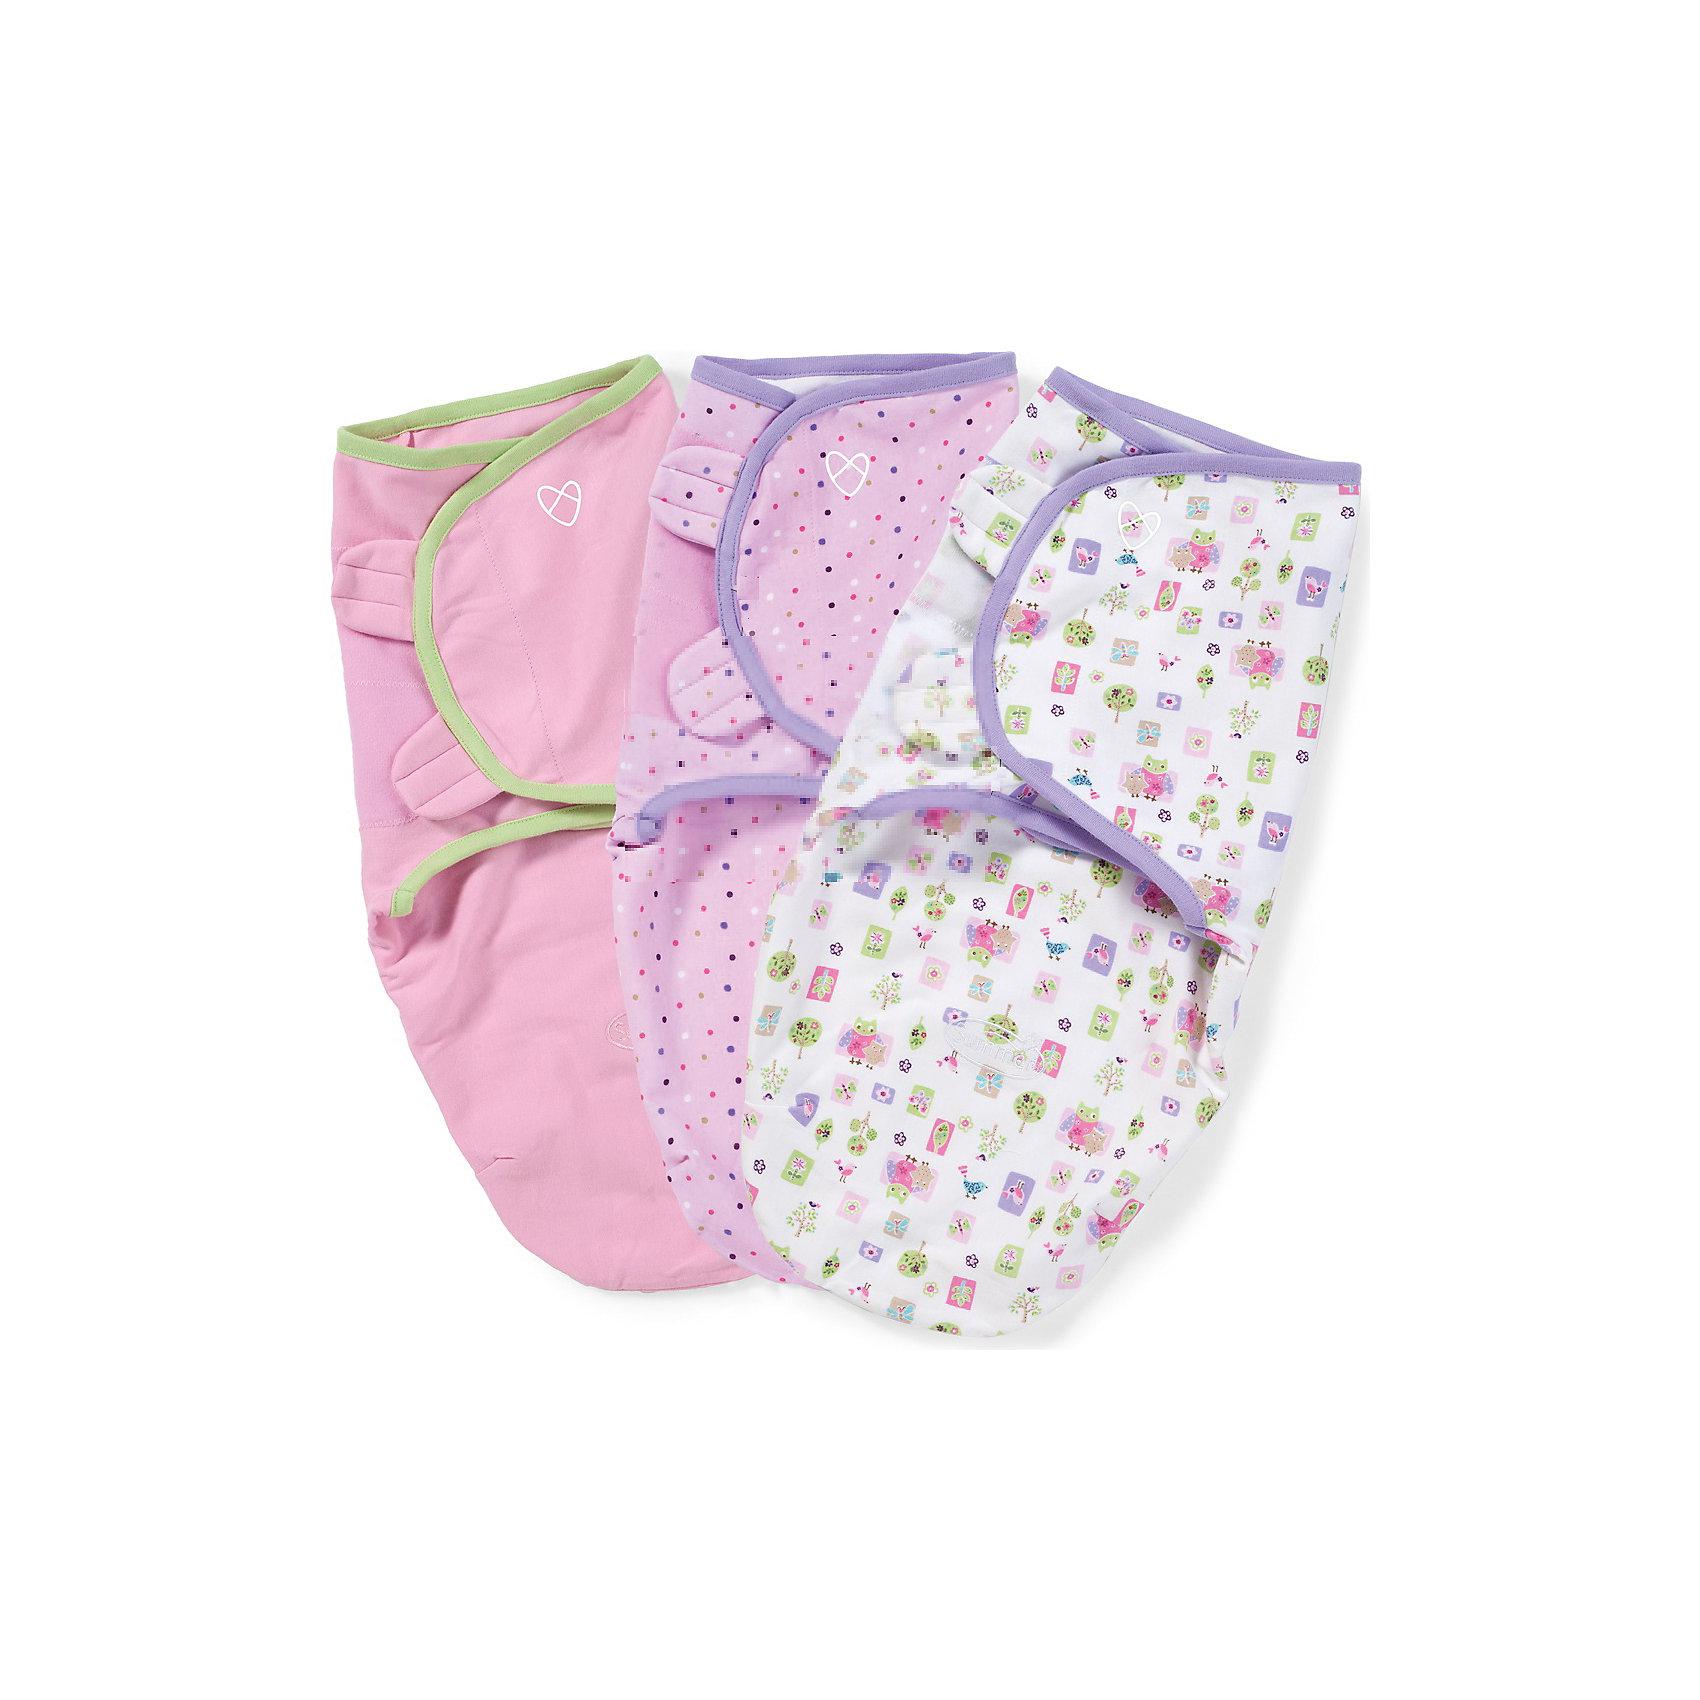 Конверт на липучке SwaddleMe, размер S/M, (3шт), Summer Infant, розовый с совамиПеленание<br>Конверт на липучке SwaddleMe, размер S/M, (3шт), Summer Infant (Саммер Инфант), розовый с совами.<br><br>Характеристики:<br><br>• мягкий конверт<br>• обеспечивает спокойный сон ребенка<br>• регулируемые крылья не позволят ребенку распеленаться<br>• регулируется по мере роста ребенка<br>• можно открыть только нижнюю часть для смены подгузника<br>• подходит для колясок и автокресел<br>• размер: S/M<br>• расцветка: розовый с совами<br>• состав: хлопок, эластан<br>• длина конверта: 50 см<br>• для детей от 3 до 6 кг<br><br>Конверт на липучке SwaddleMe, Summer Infant подарит крохе комфортный и здоровый сон. Крылья конверта регулируются в зависимости от роста ребенка, что сведет к минимуму возможность распеленаться самостоятельно. Для смены подгузника не обязательно раскрывать конверт полностью, достаточно открыть нижнюю часть.<br><br>Конверт на липучке SwaddleMe, размер S/M, (3шт), Summer Infant (Саммер Инфант), розовый с совами вы можете приобрести в нашем интернет-магазине.<br><br>Ширина мм: 30<br>Глубина мм: 200<br>Высота мм: 250<br>Вес г: 300<br>Возраст от месяцев: 0<br>Возраст до месяцев: 3<br>Пол: Унисекс<br>Возраст: Детский<br>SKU: 5089933